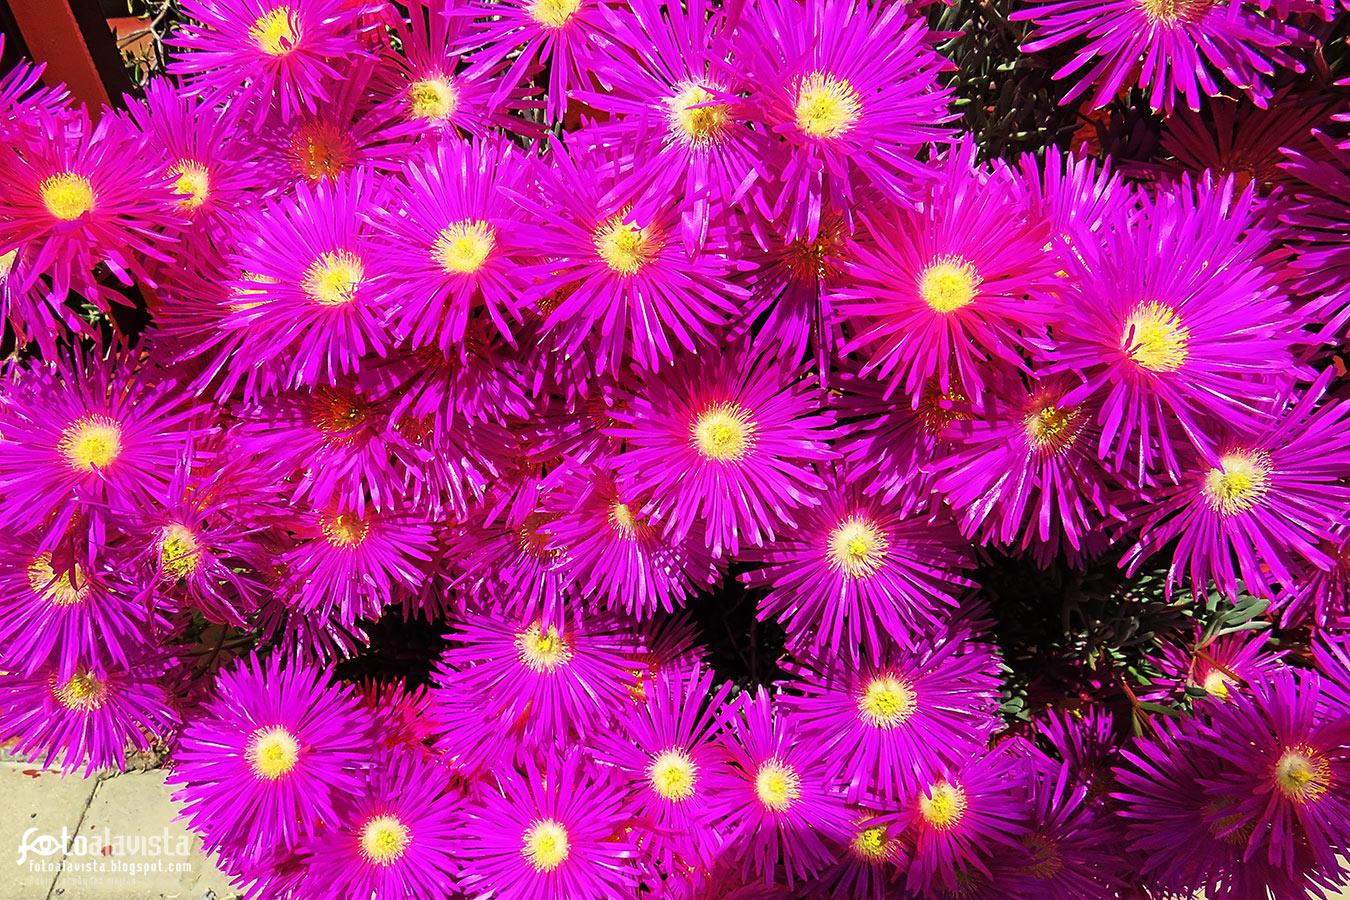 Como una fiesta fluor de flores fusia con centro amarillo - Fotografía